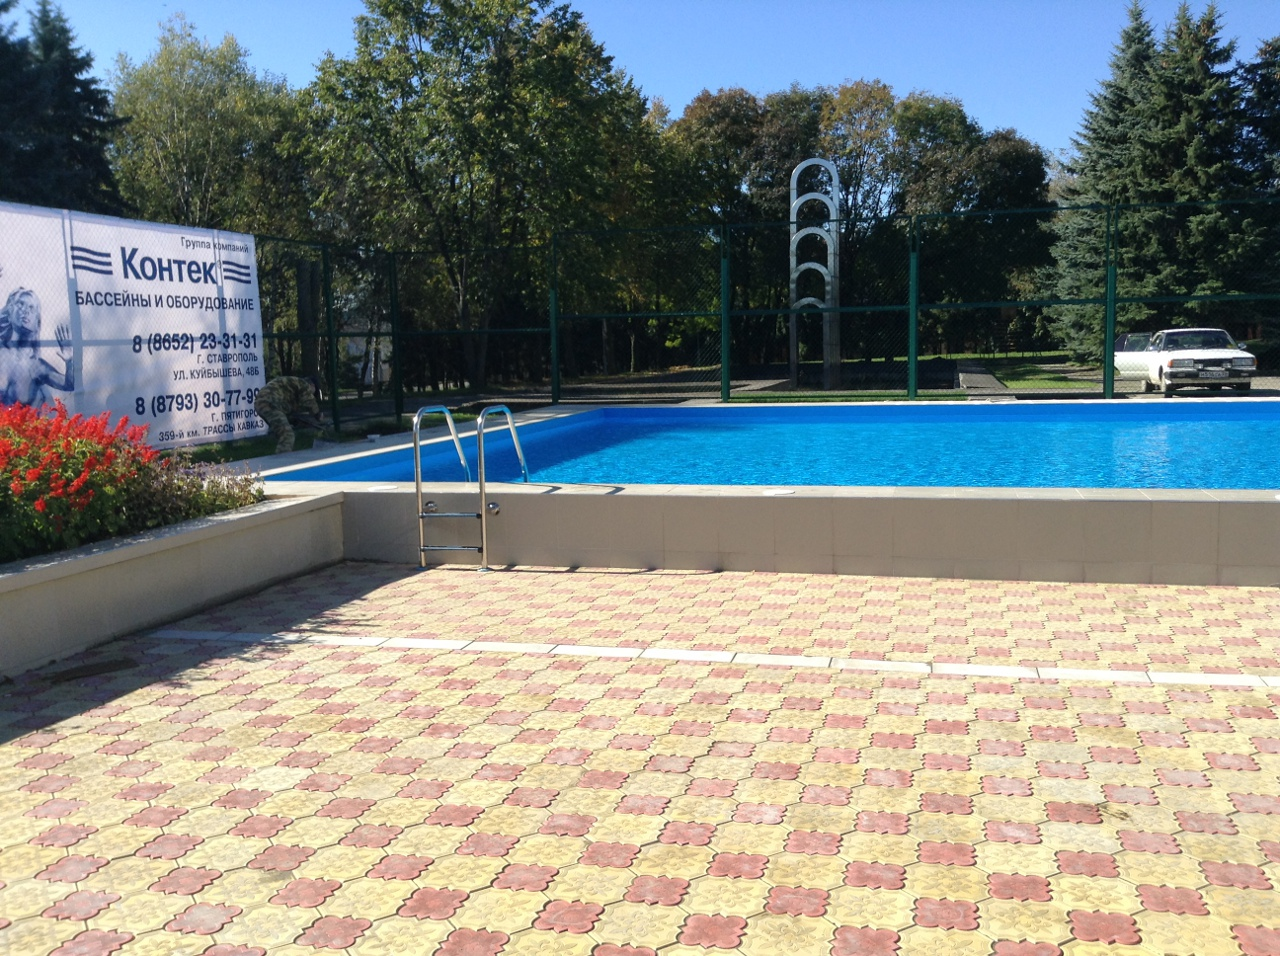 Фото раздевалки в бассейне 19 фотография